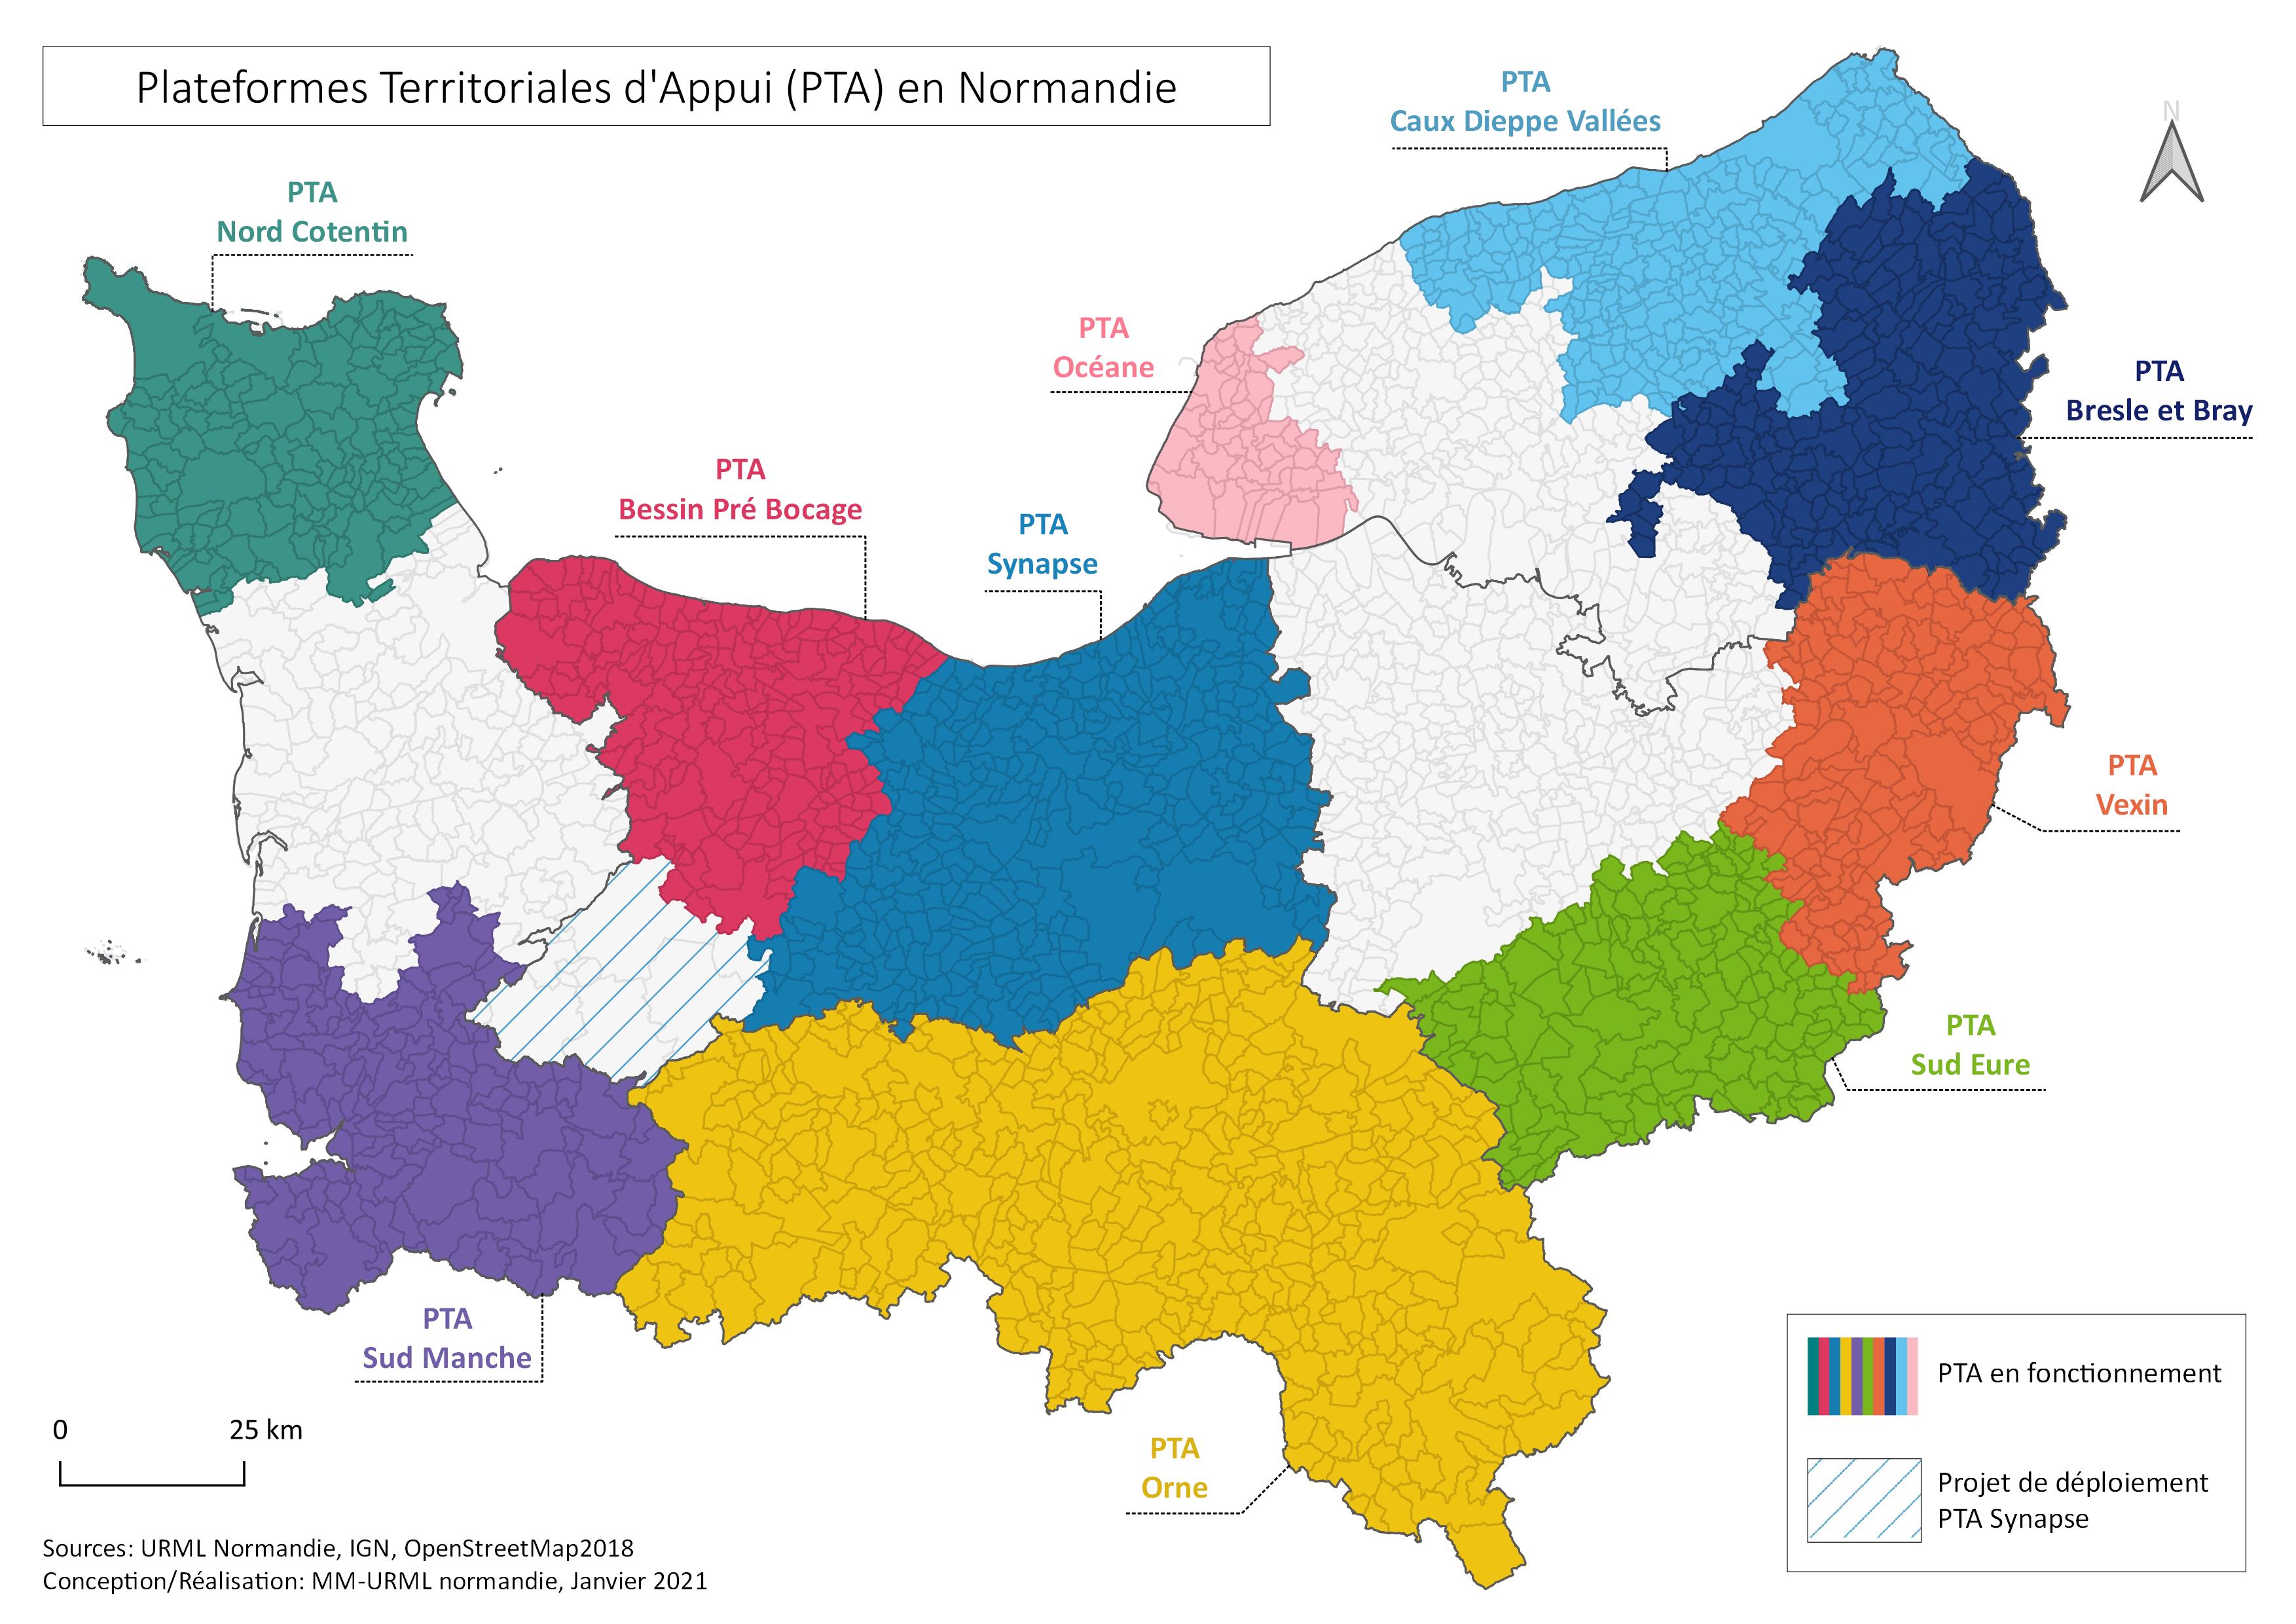 CARTE PTA JANV2021 - PTA - Plateforme <br>Territoriale d'Appui